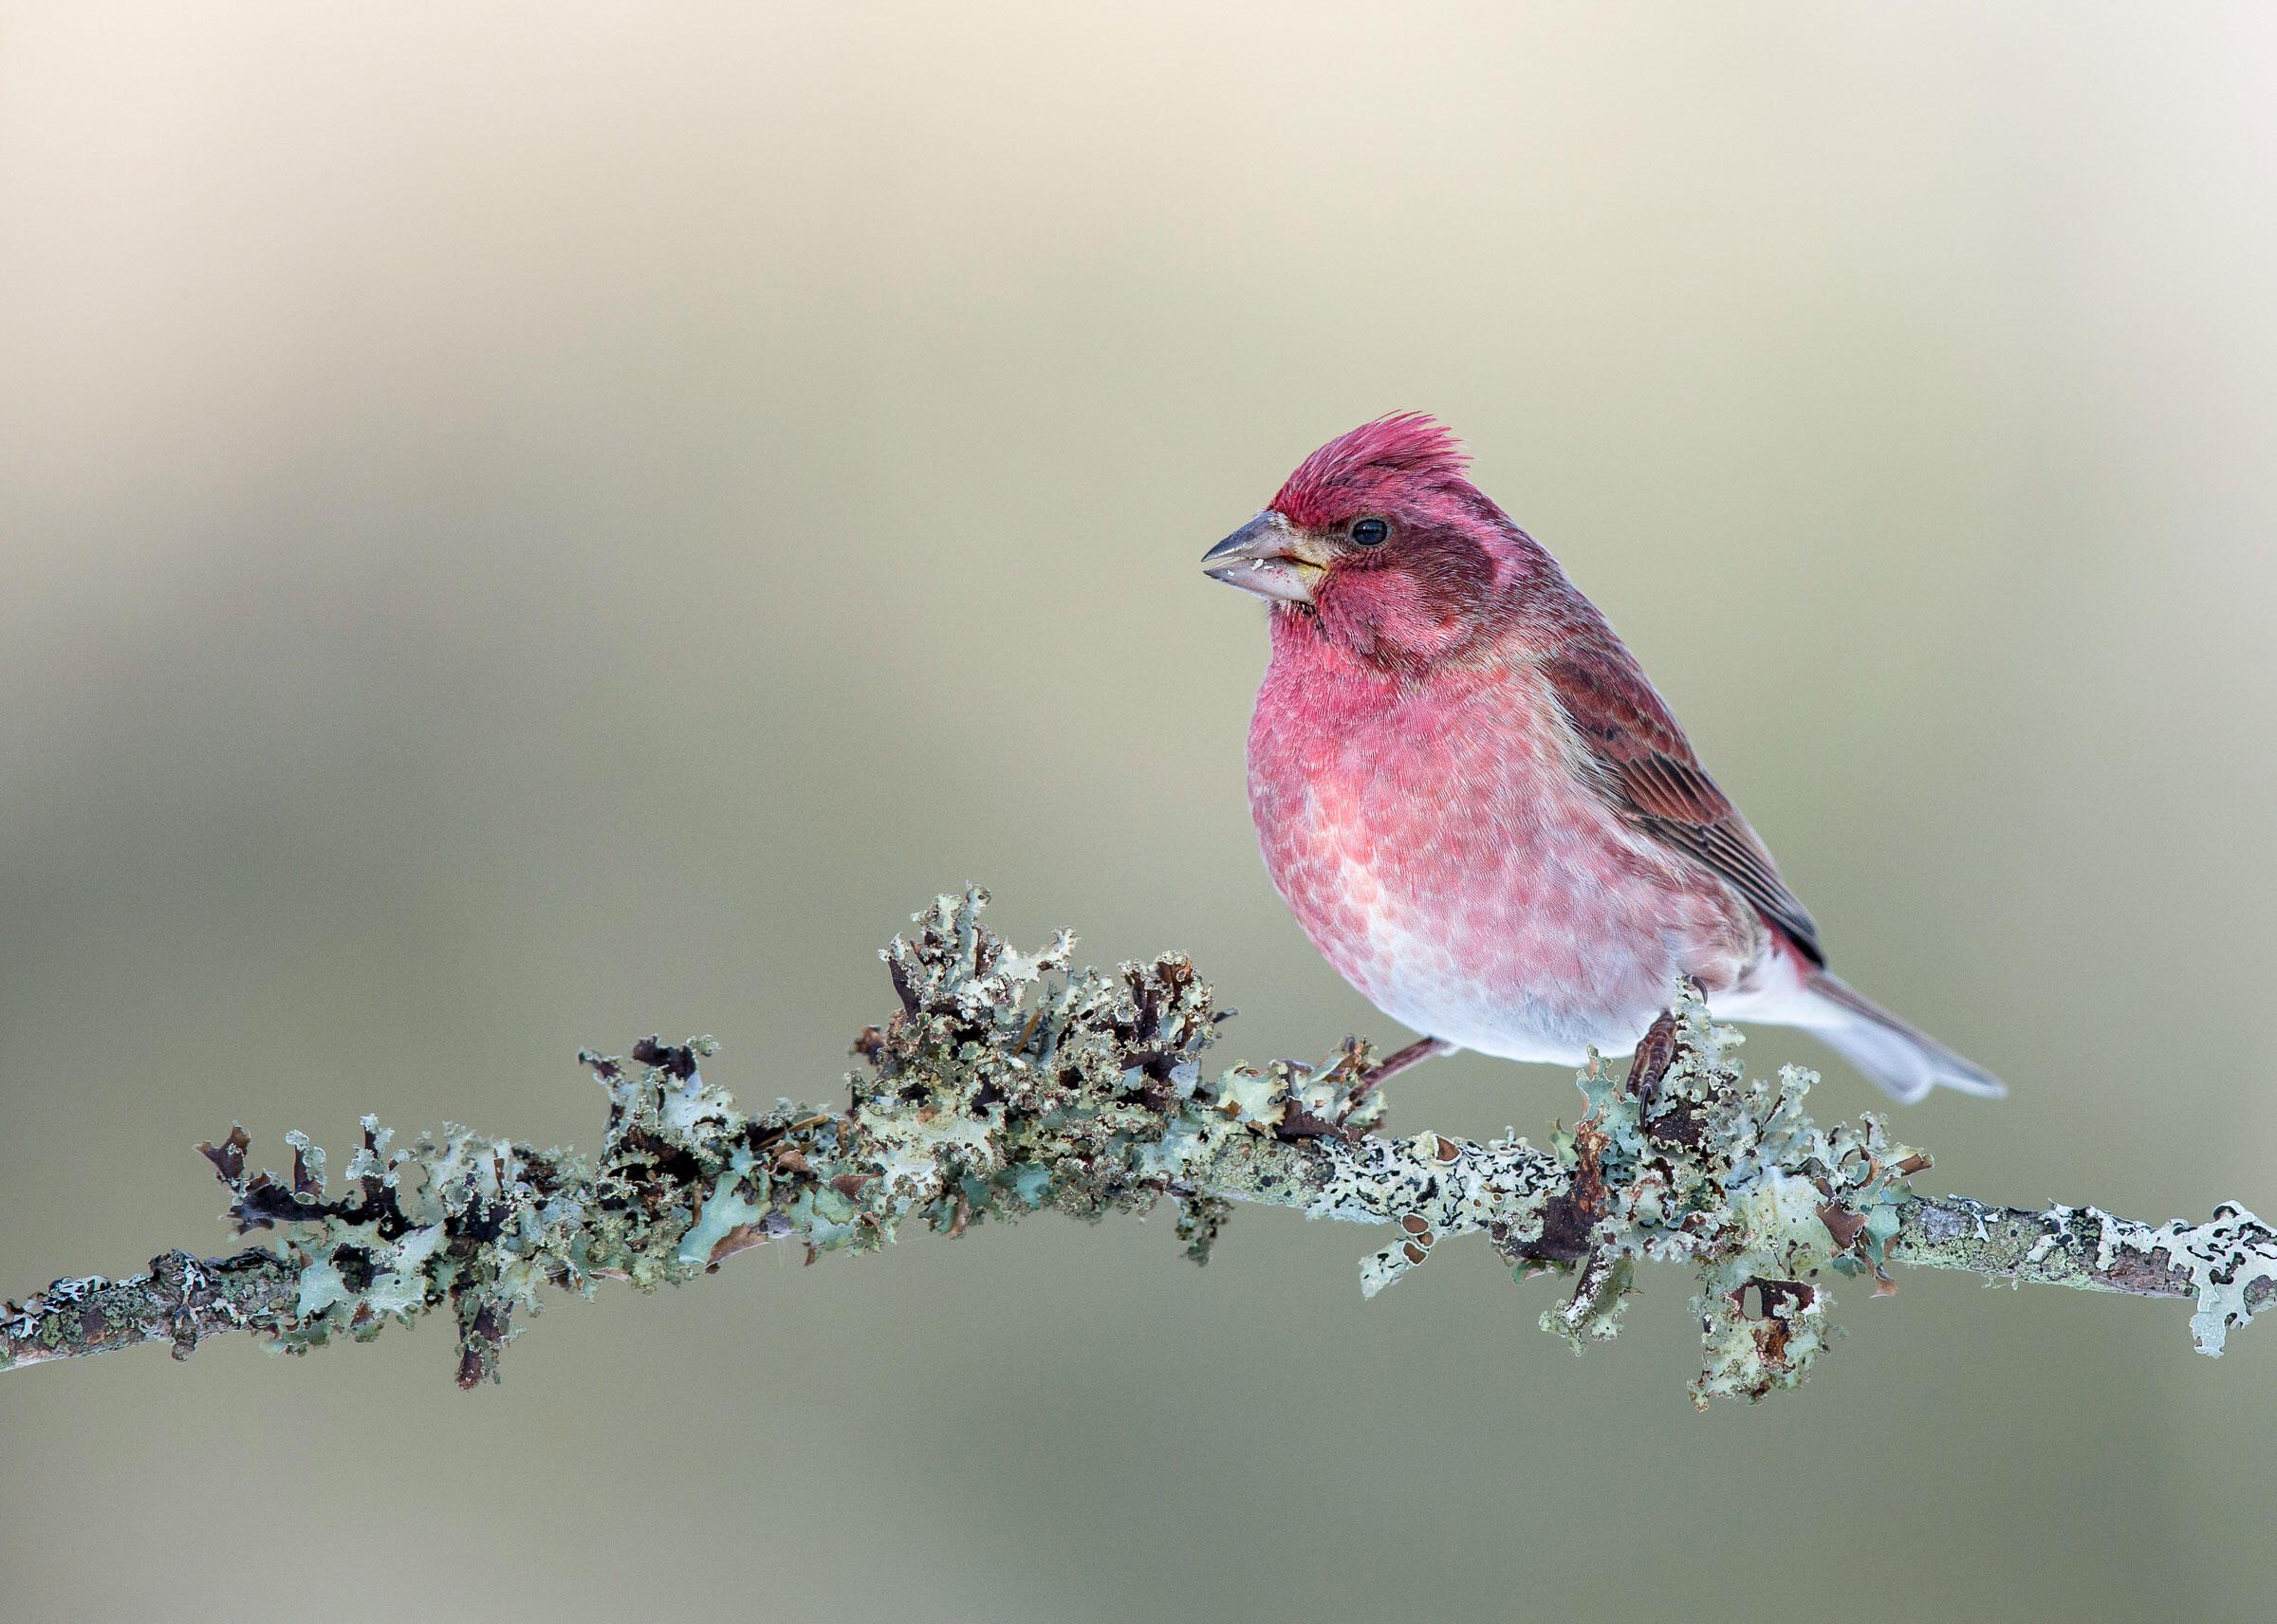 Purple Finch/Amateur Category. Gail Bisson/Audubon Photography Awards